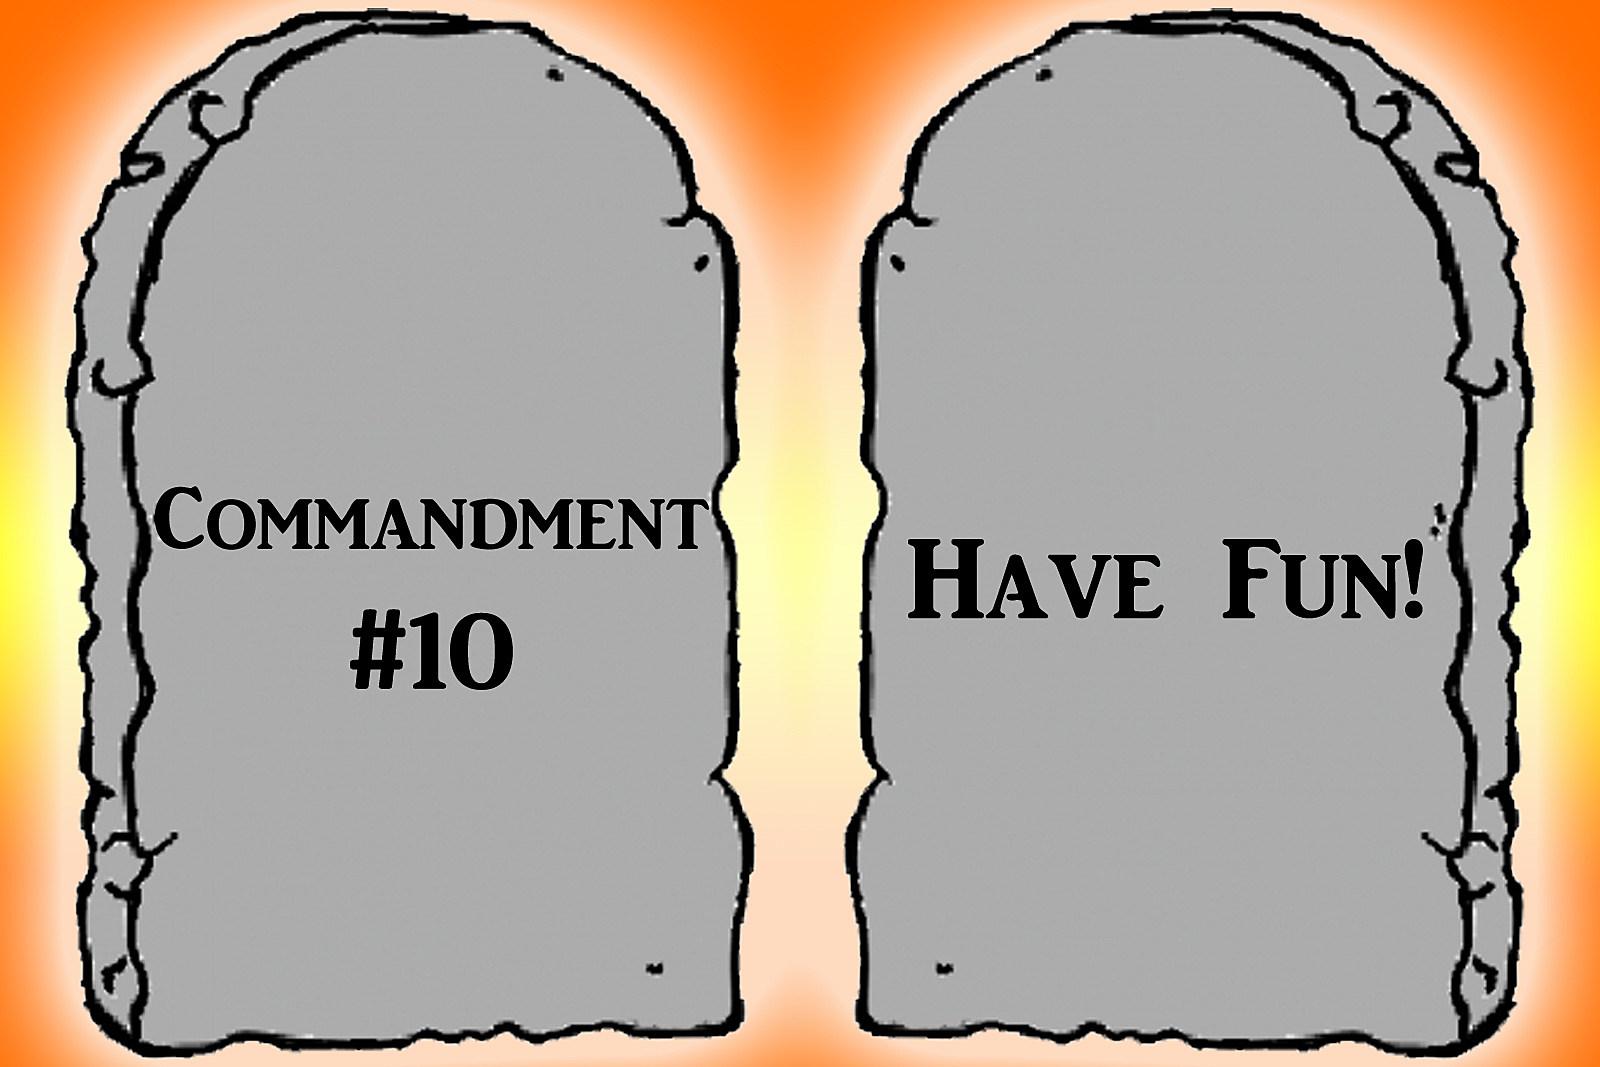 Commandment 10